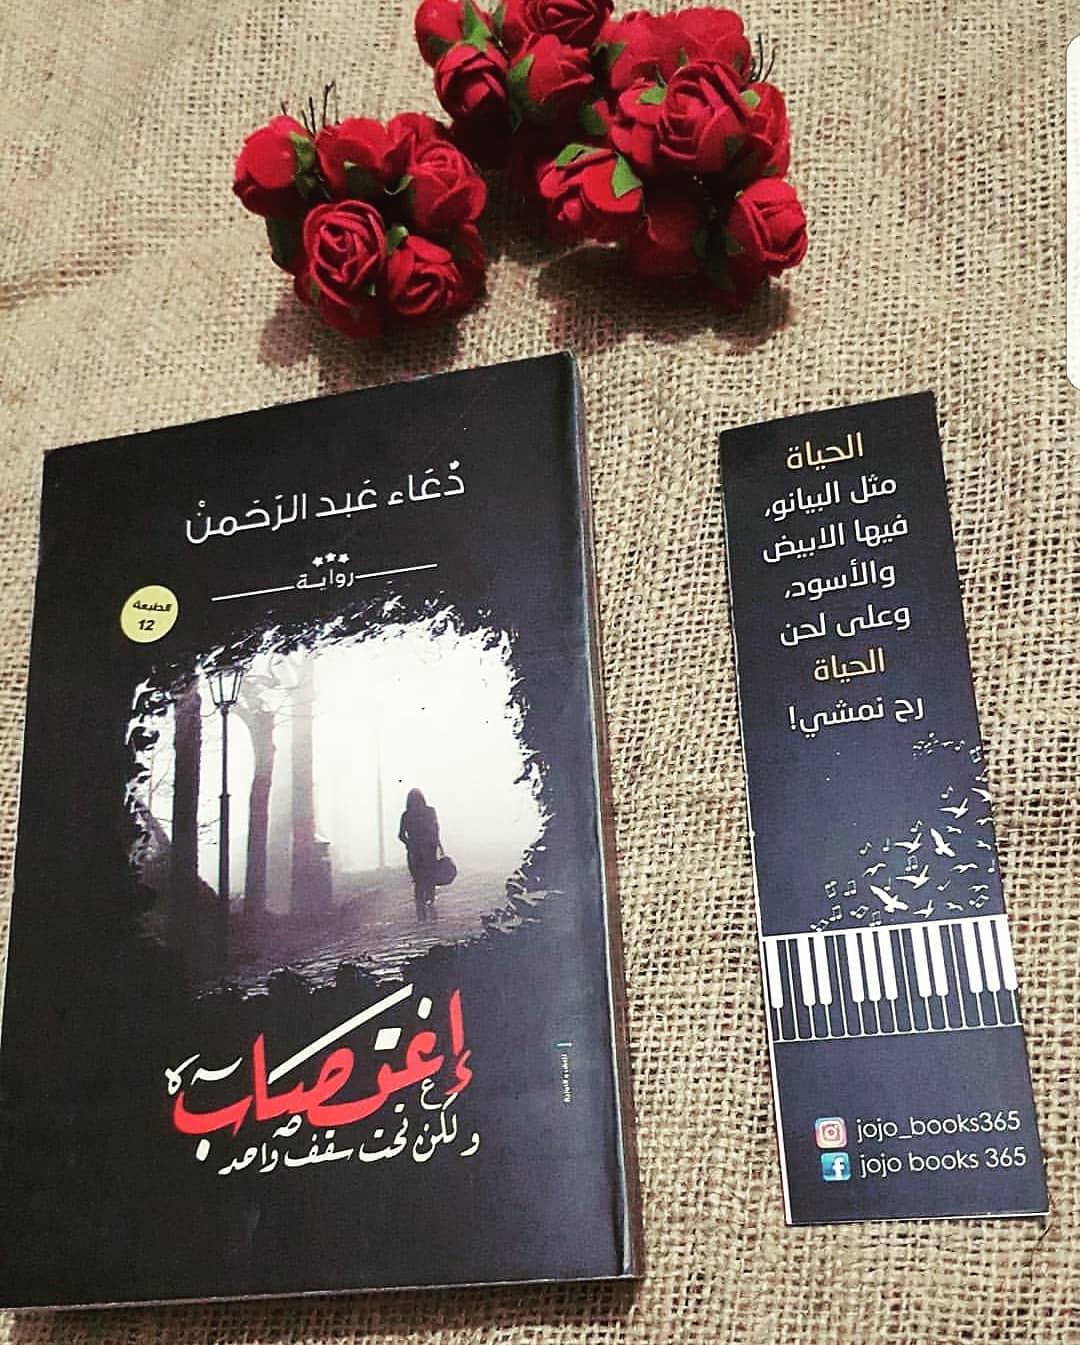 بالصور روايات دعاء عبد الرحمن , المؤلفه دعاء عبدالرحمن 156 3